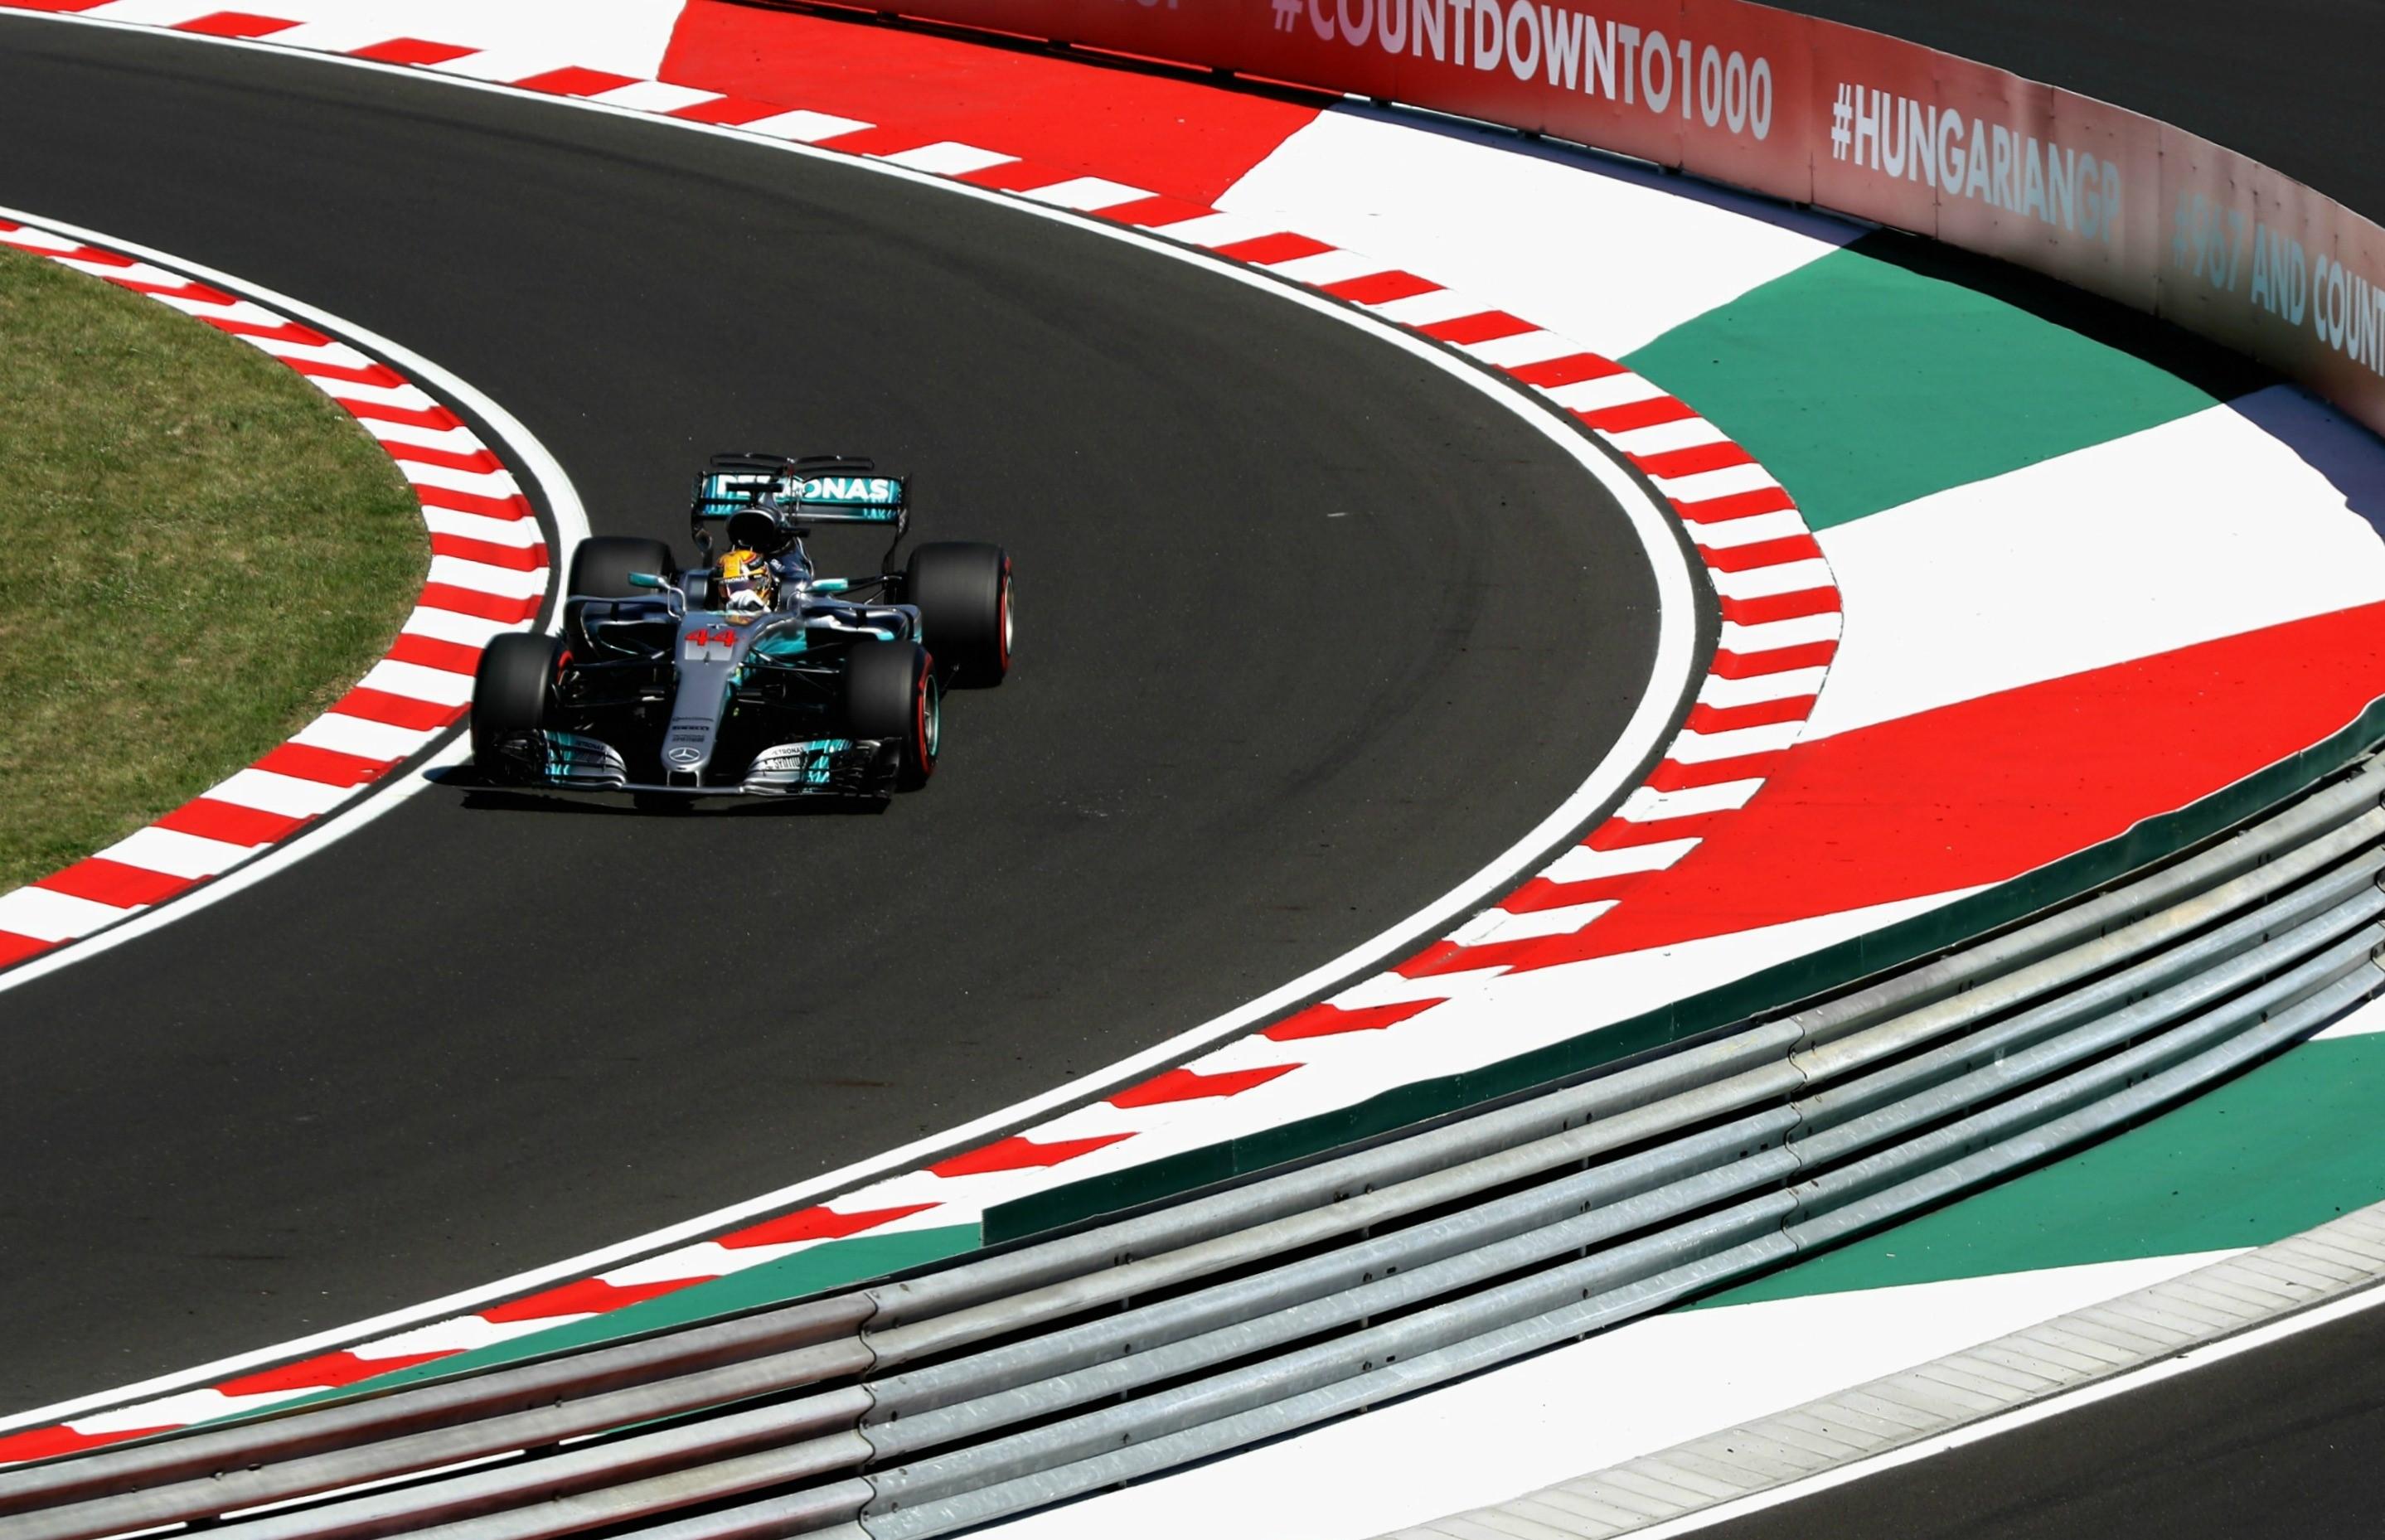 Lewis Hamilton (Mercedes) au Grand Prix de Hongrie 2017